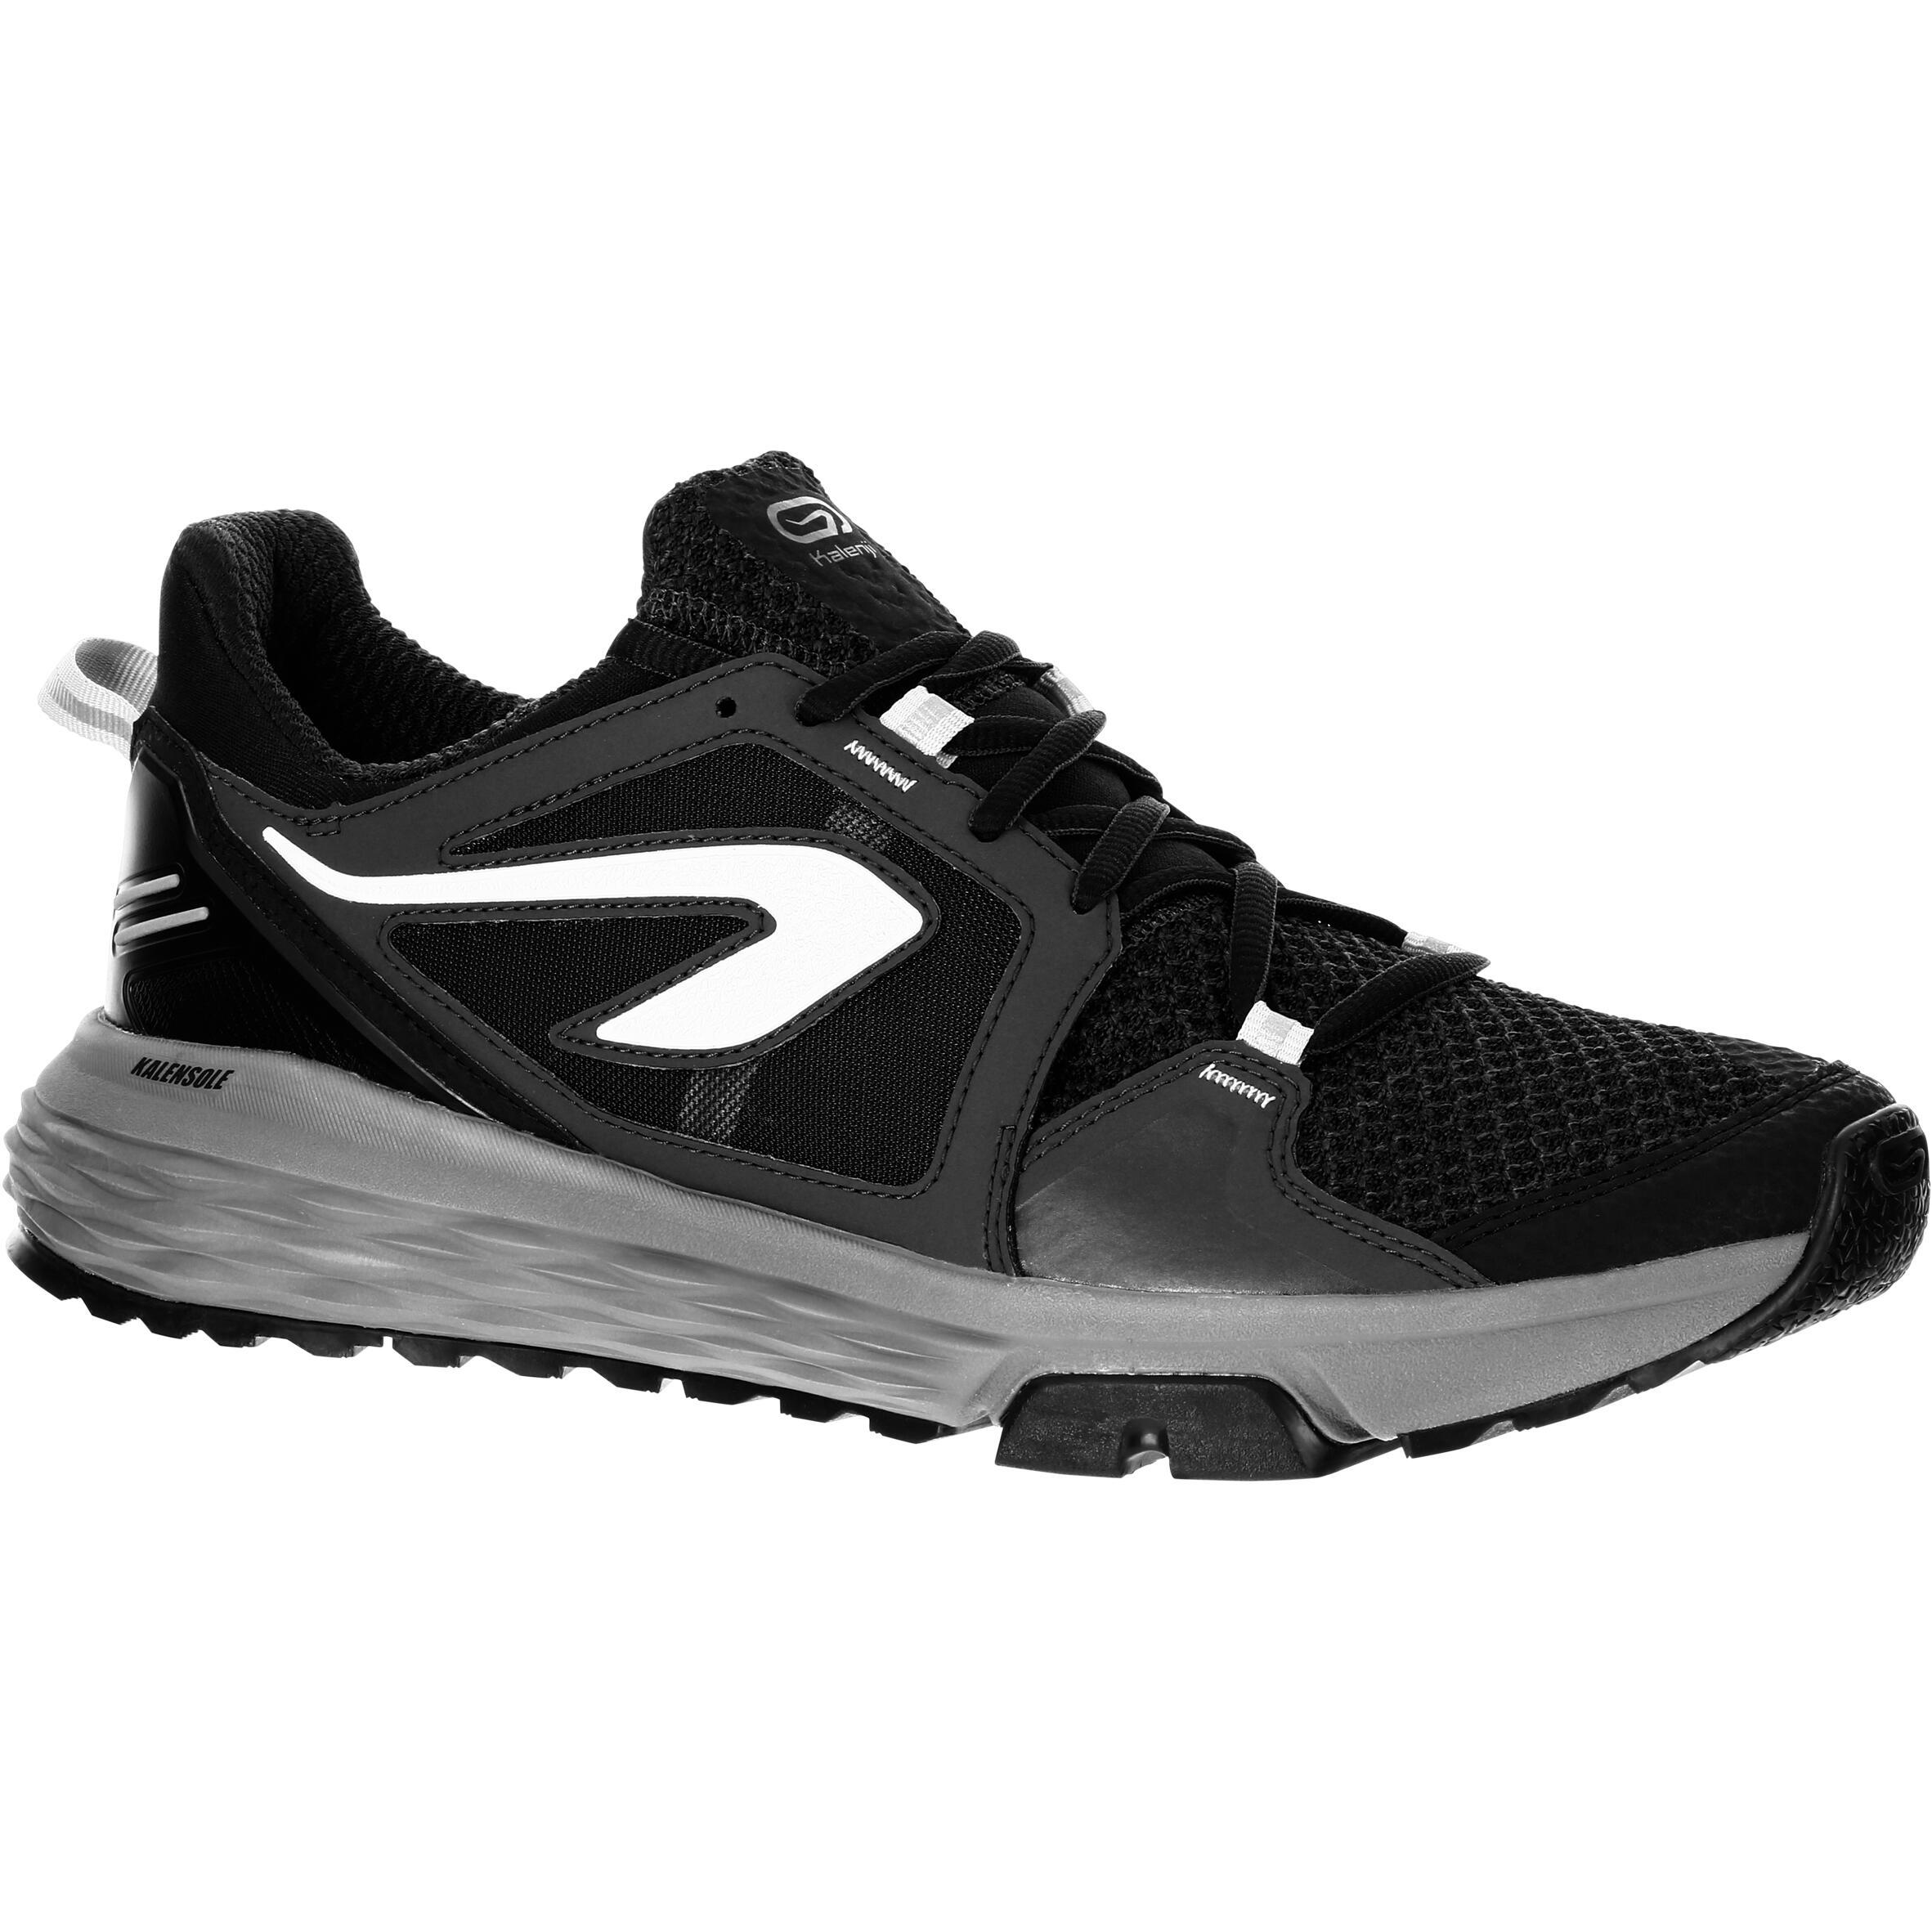 51784bcb24ba4 Comprar zapatillas de running para correr hombre